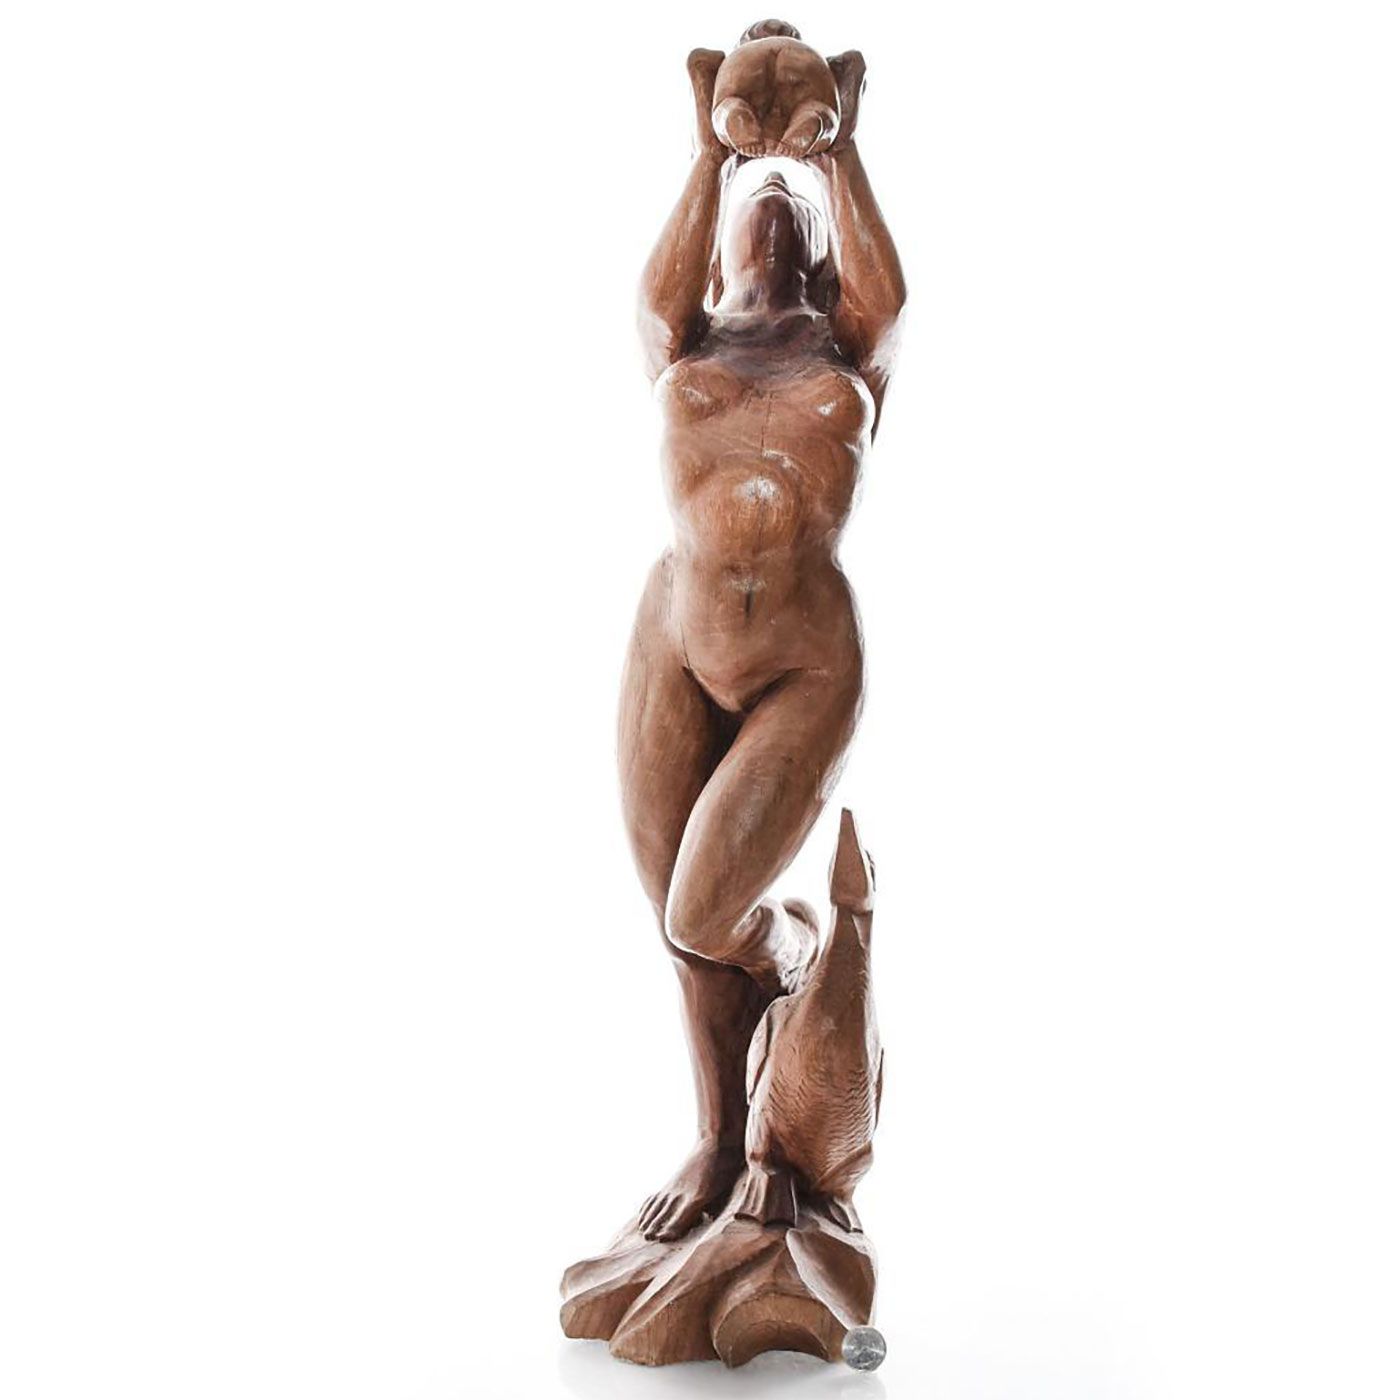 David Farin Collection Tribal Art-5